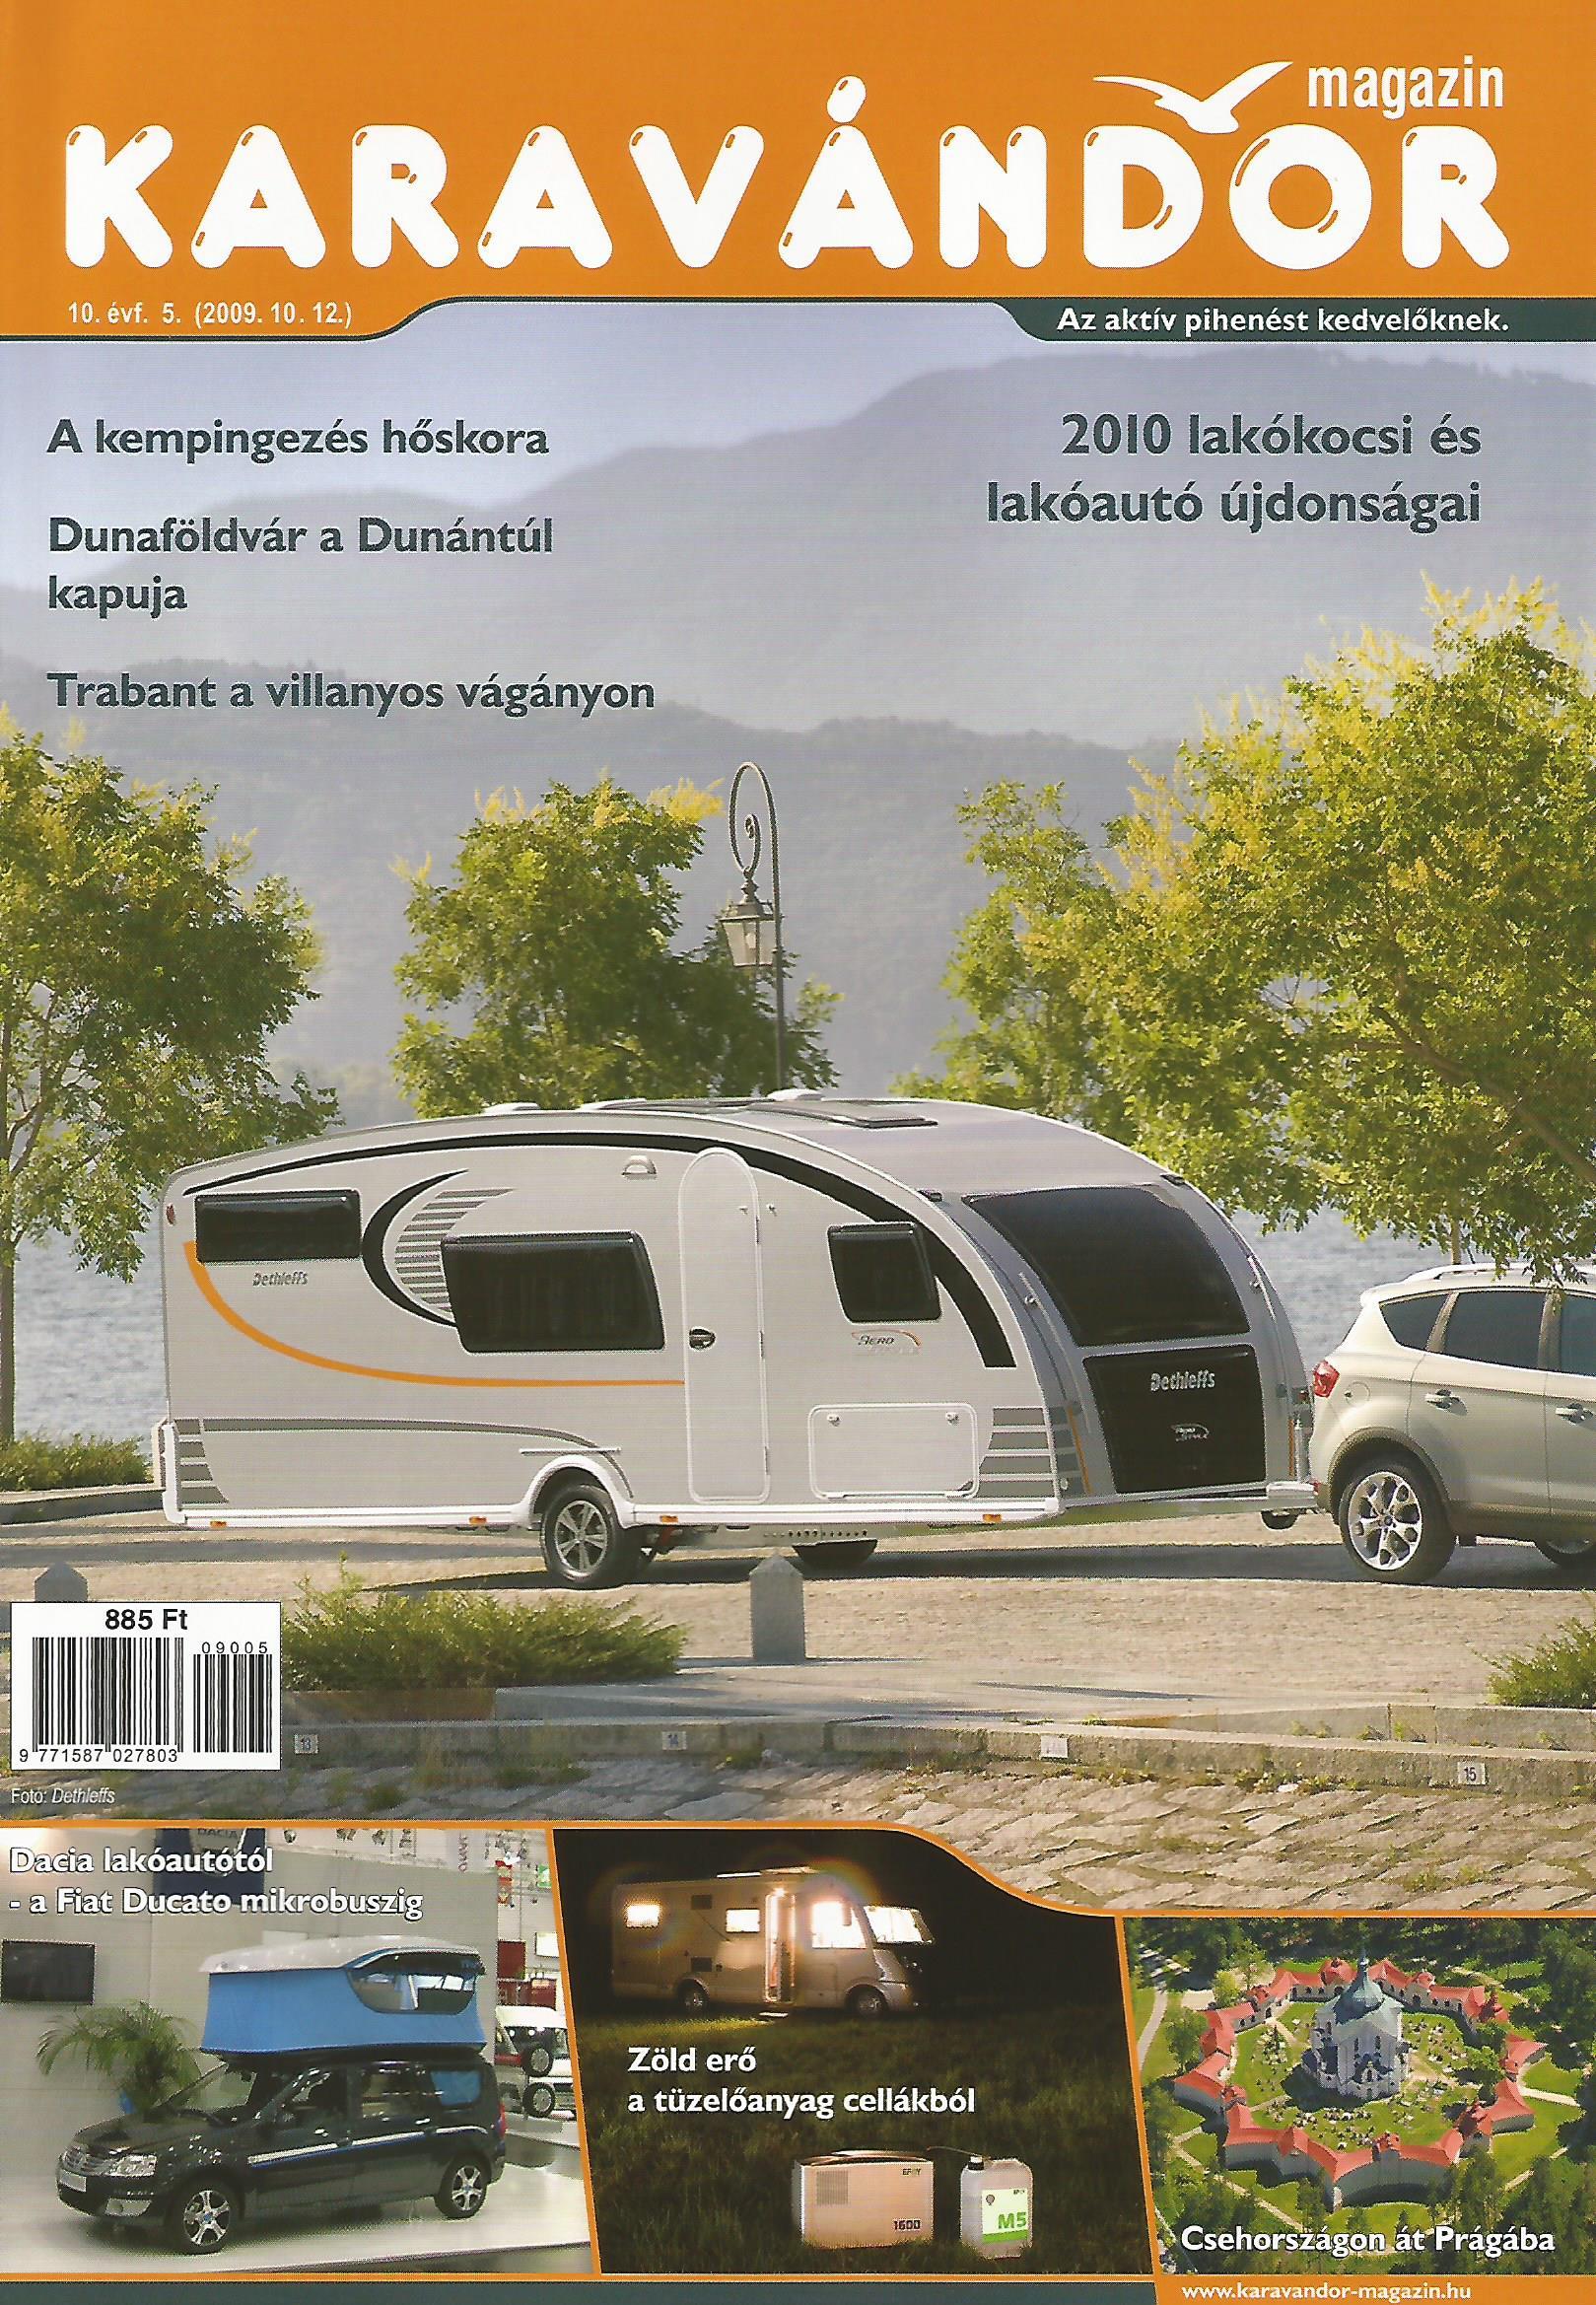 Karavándor magazin 2009/ 5. szám